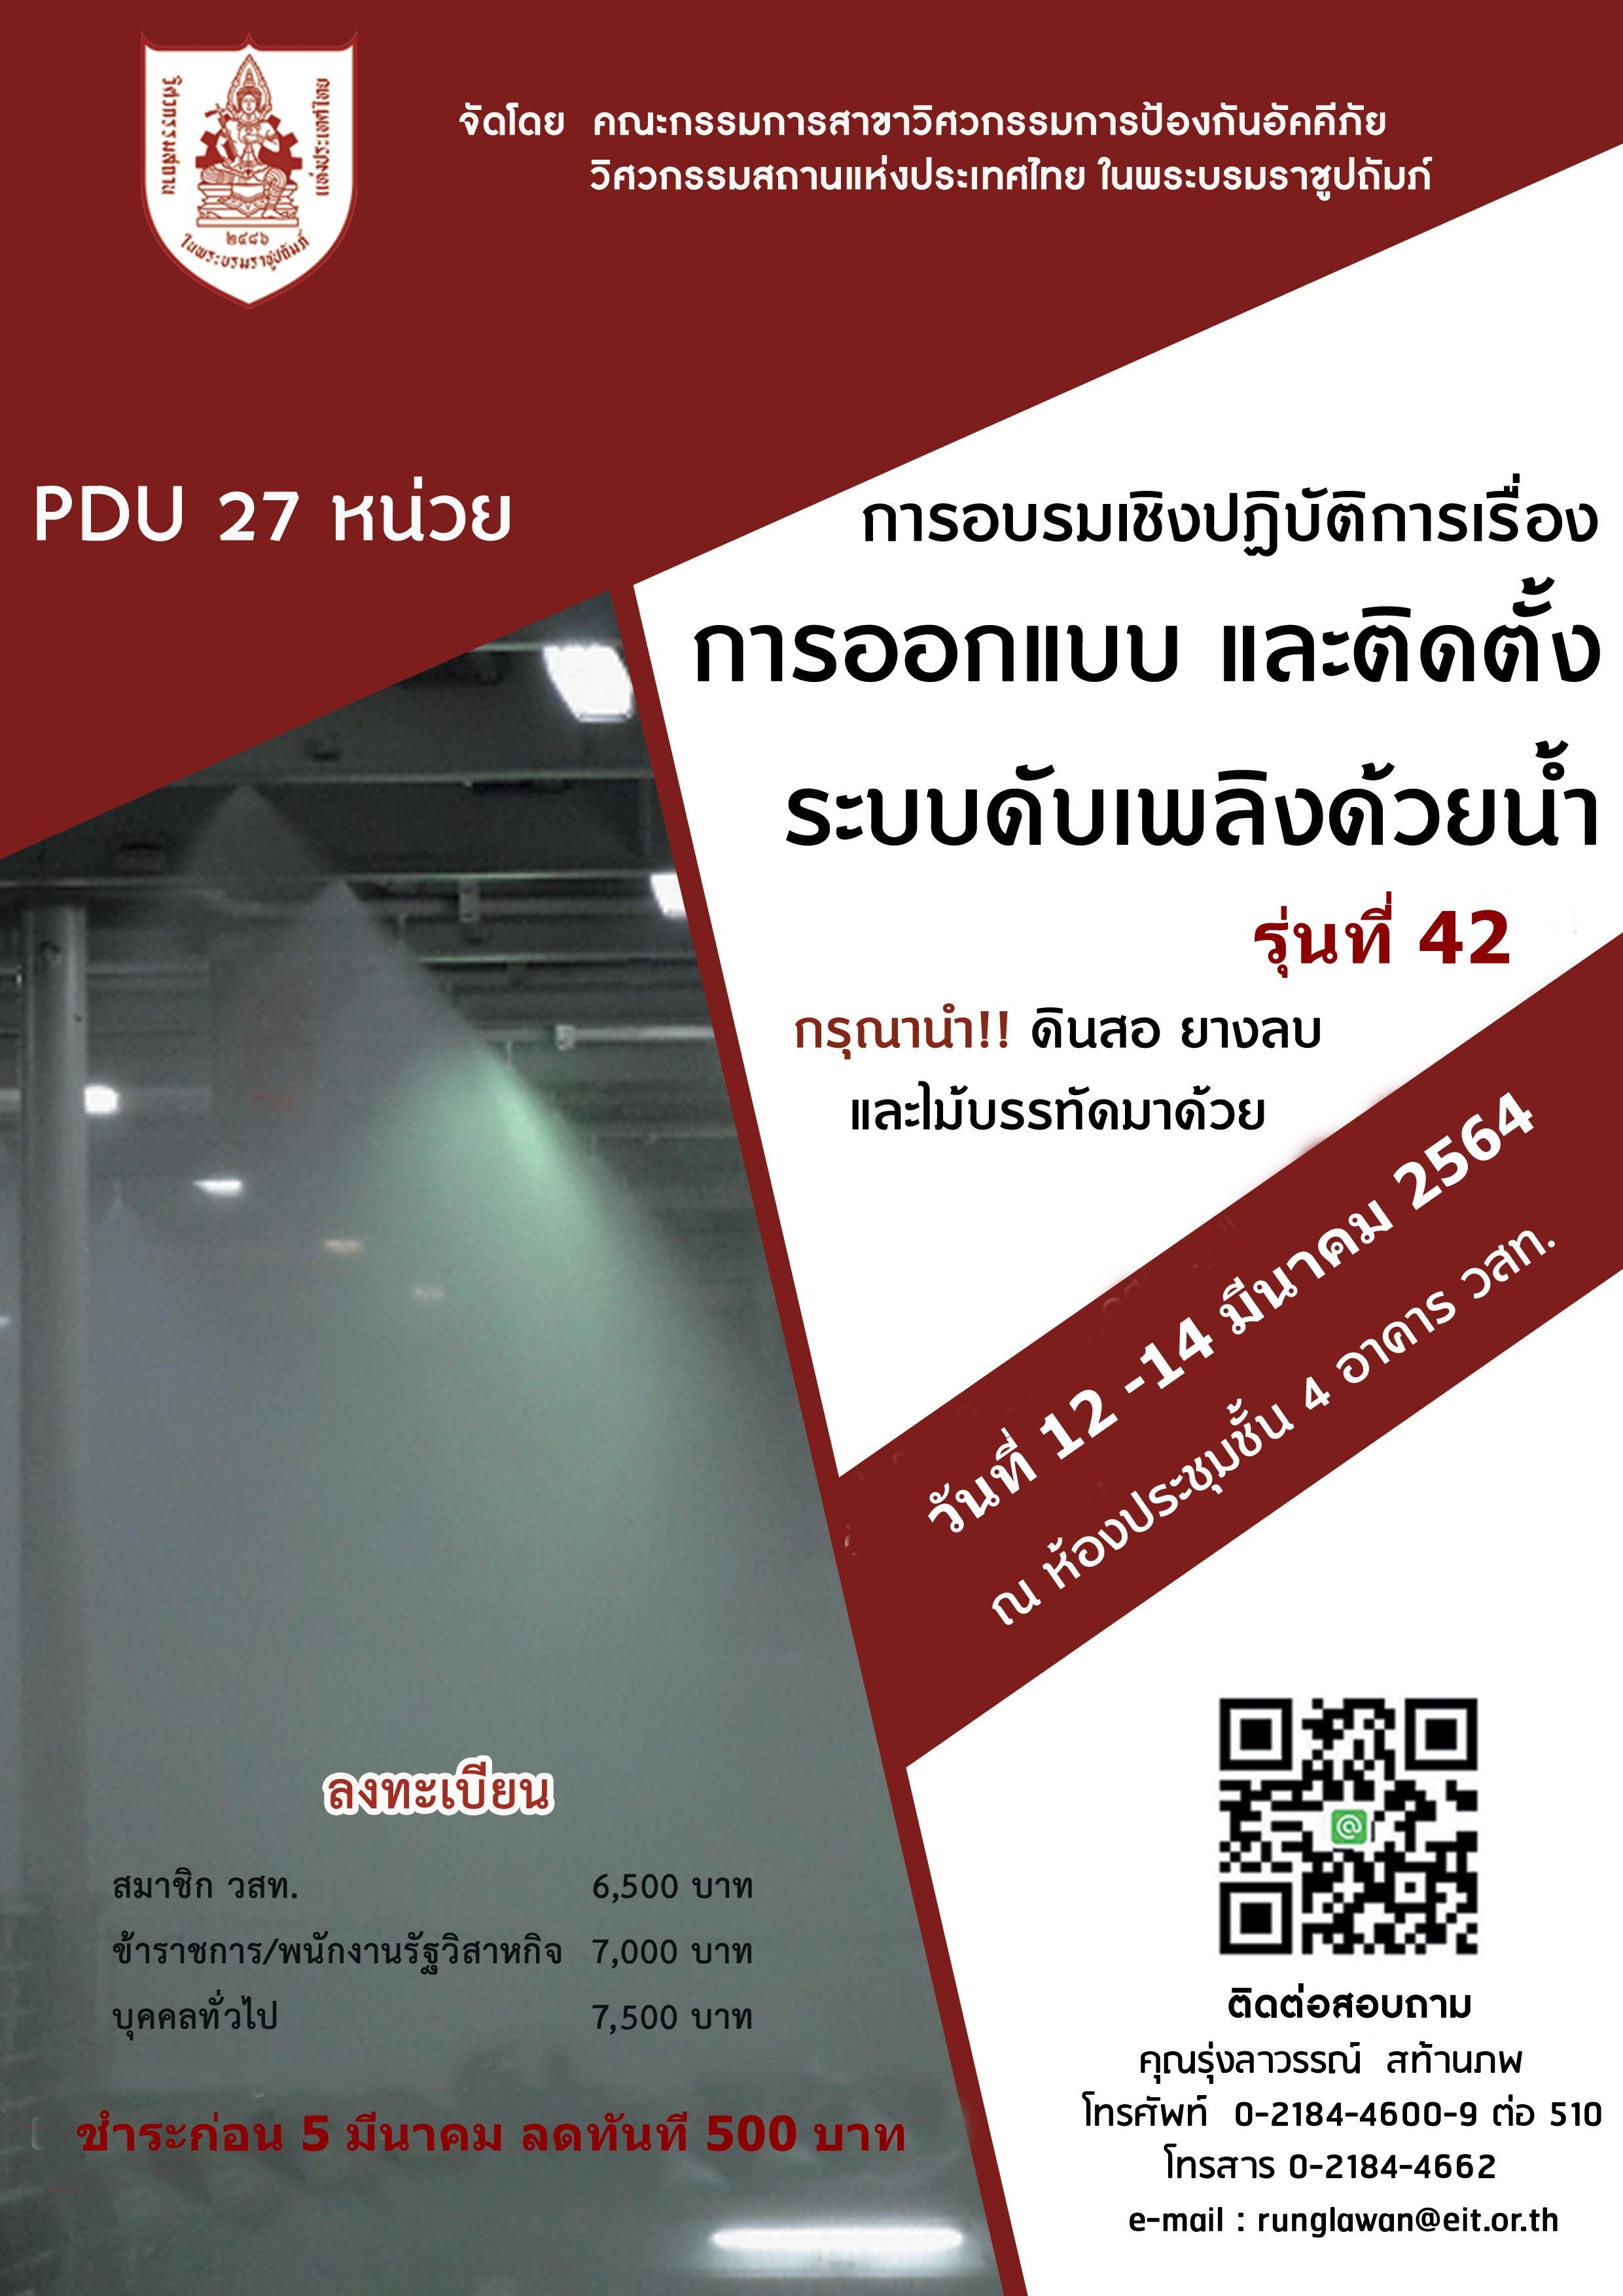 12-14/03/2564 การอบรมเชิงปฏิบัติการเรื่อง การออกแบบ และติดตั้งระบบดับเพลิงด้วยน้ำ รุ่นที่ 42